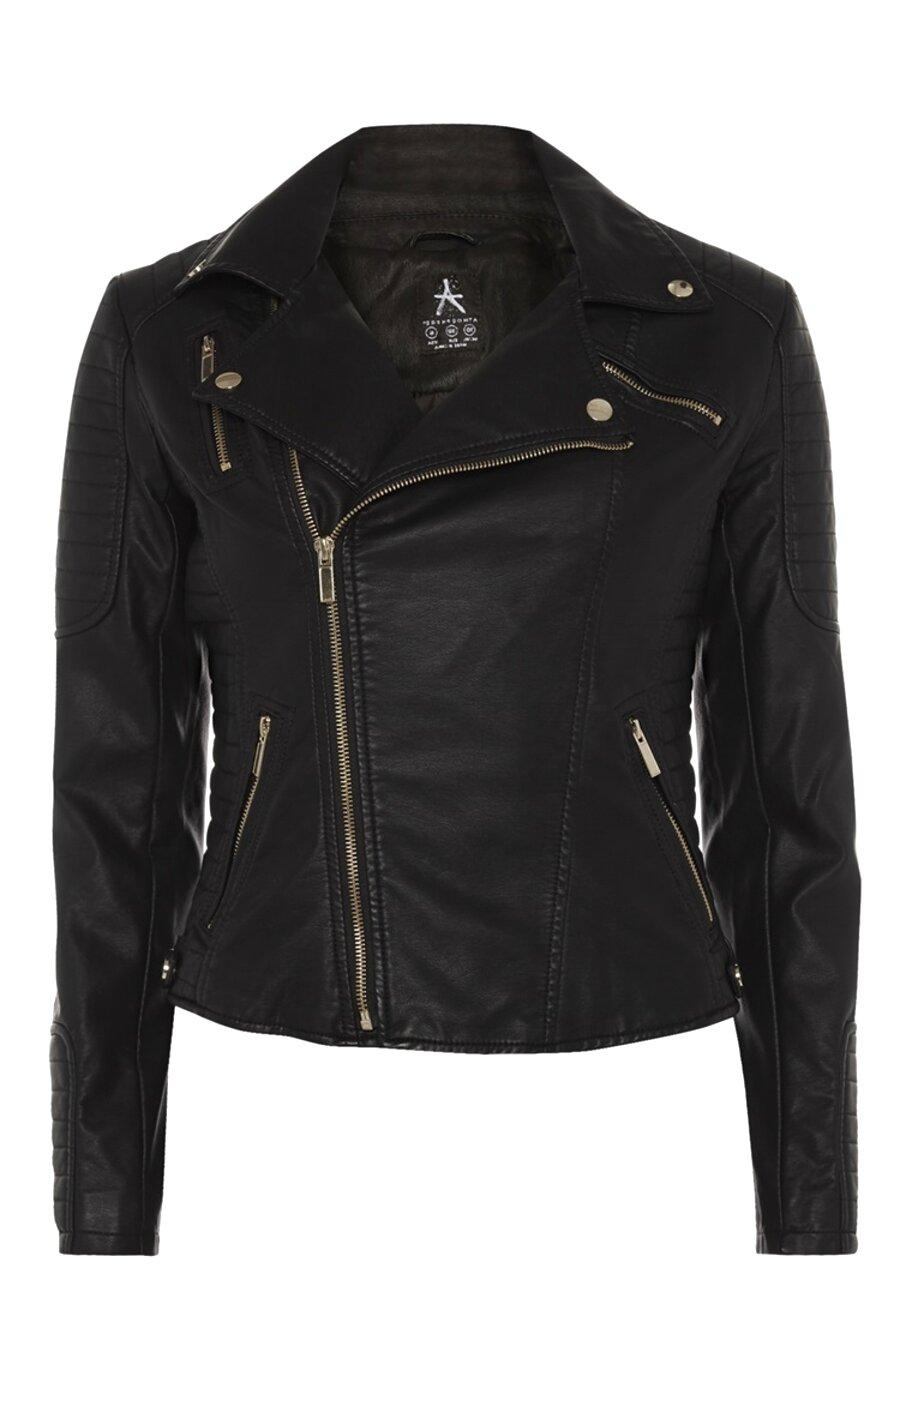 primark biker jacket for sale